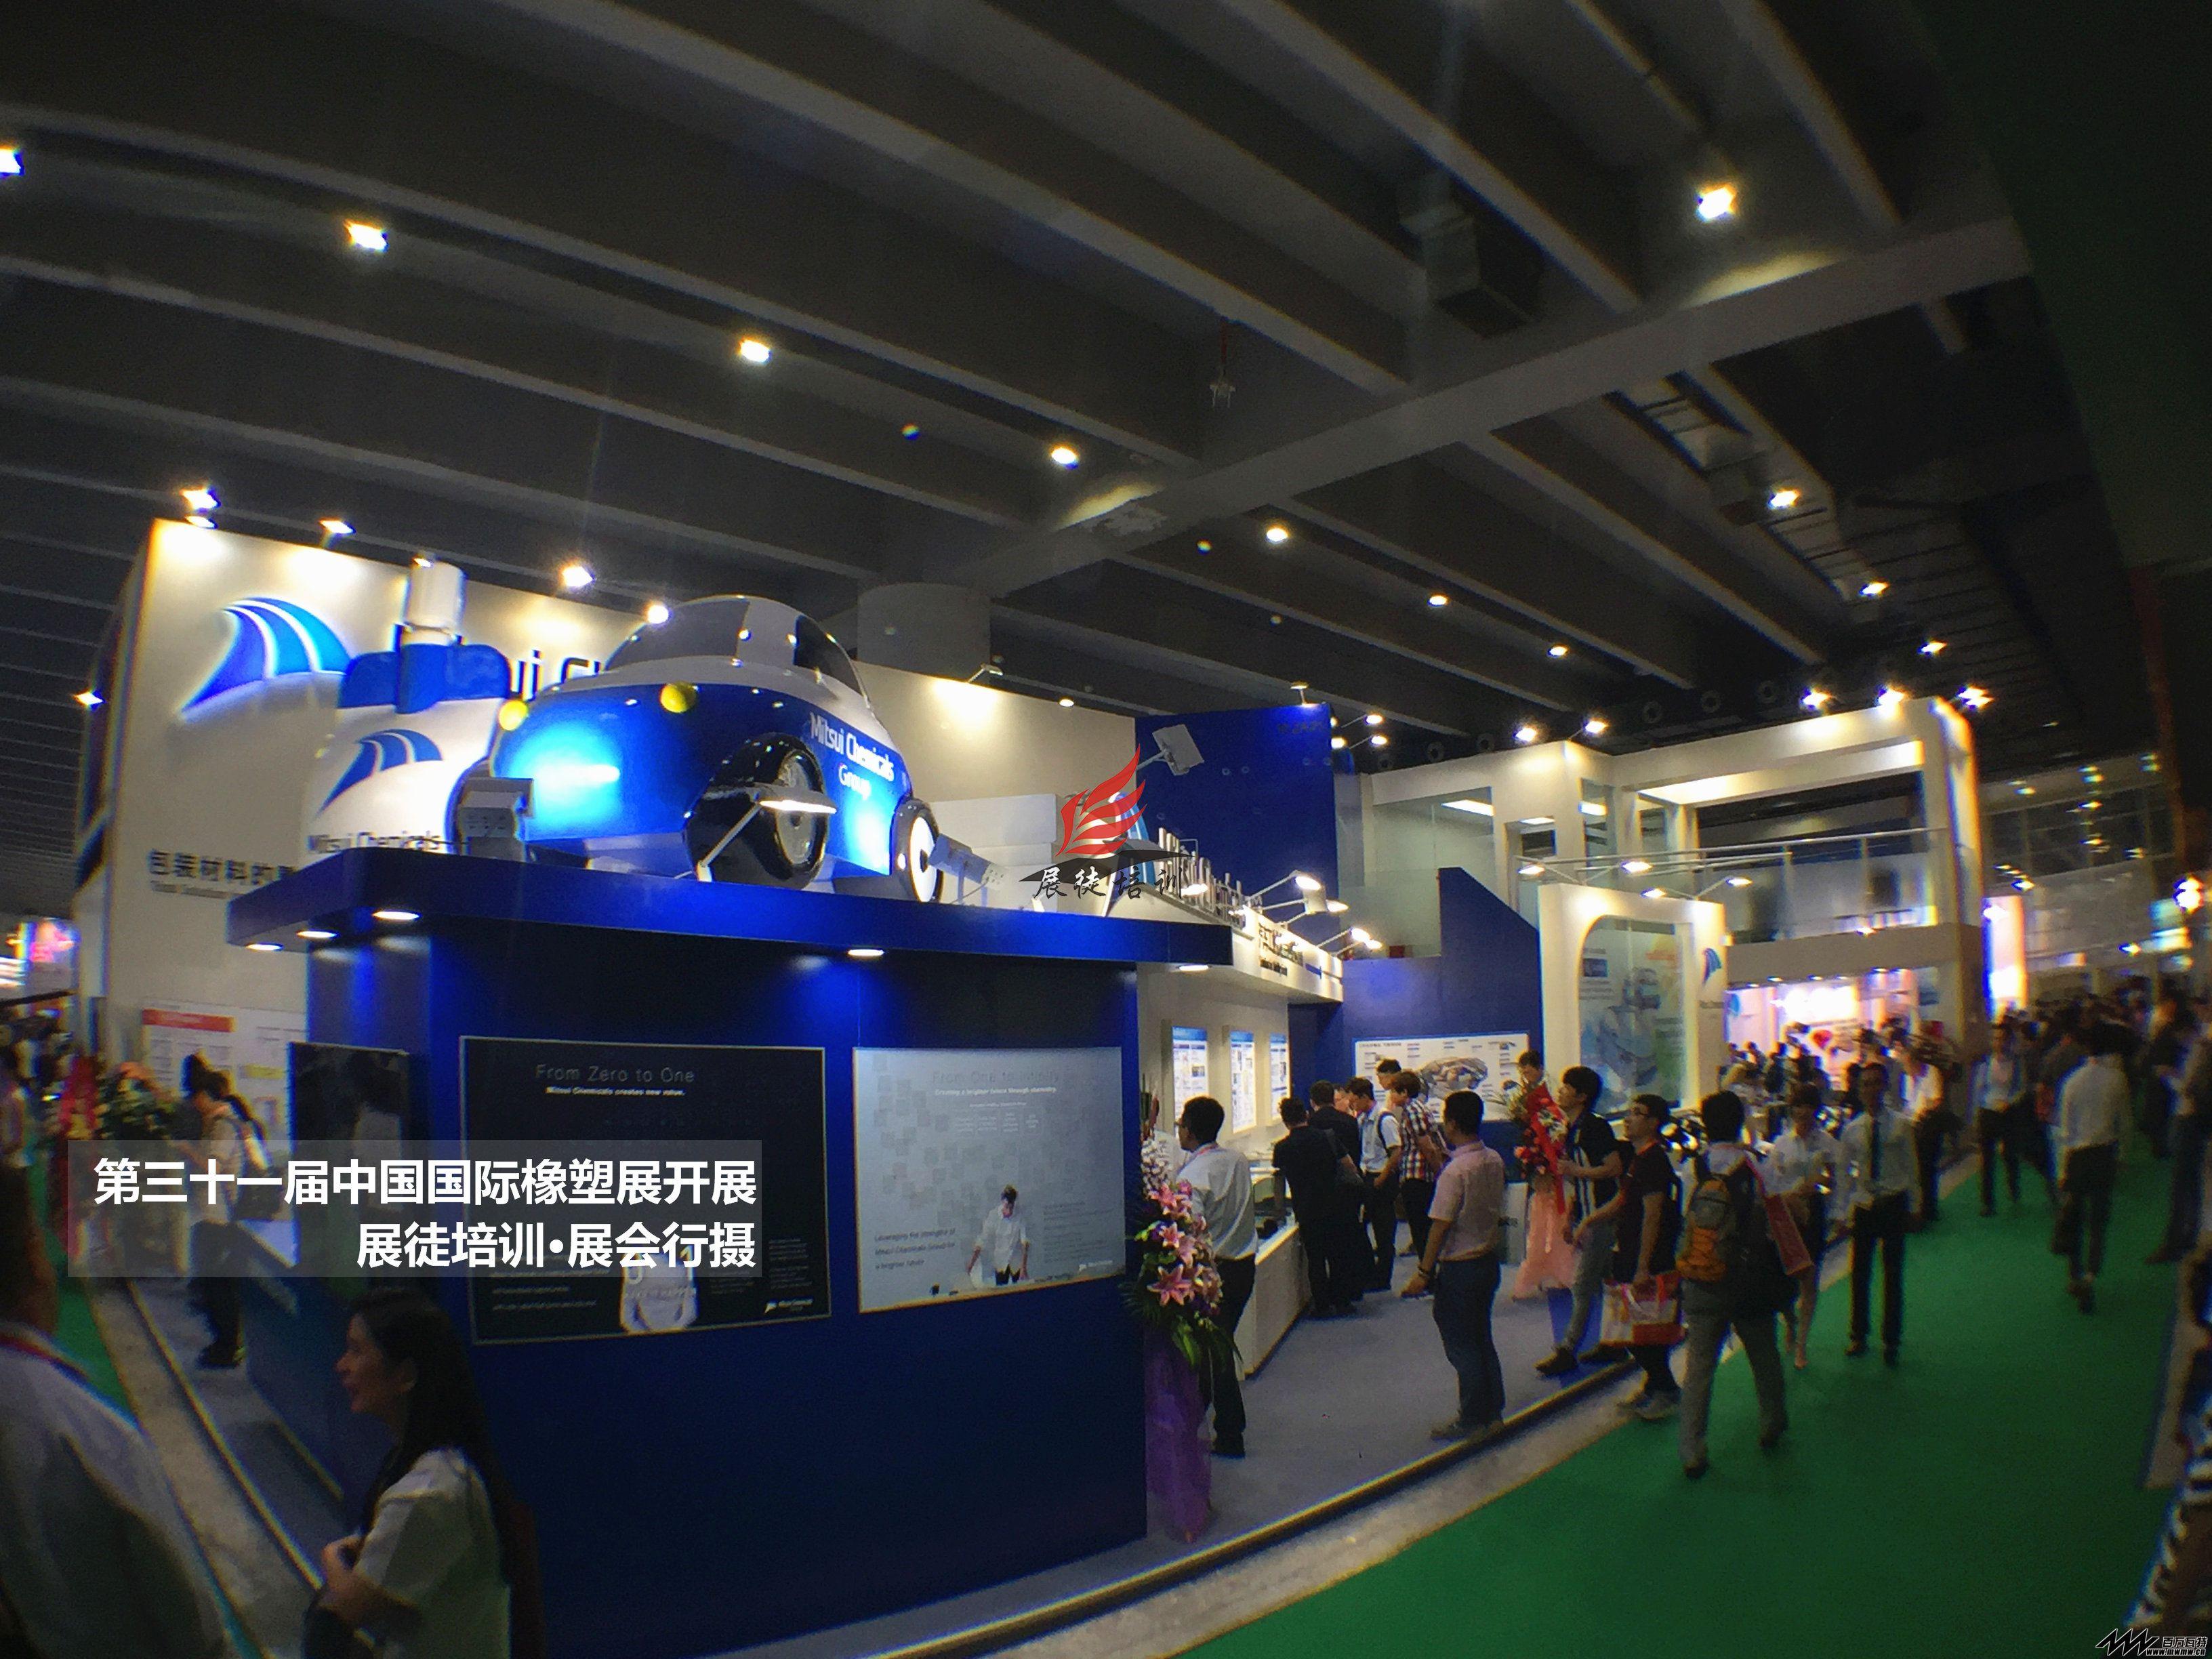 2017第三十一届中国国际橡塑展·展徒培训·展会行摄 (67) - 副本.JPG